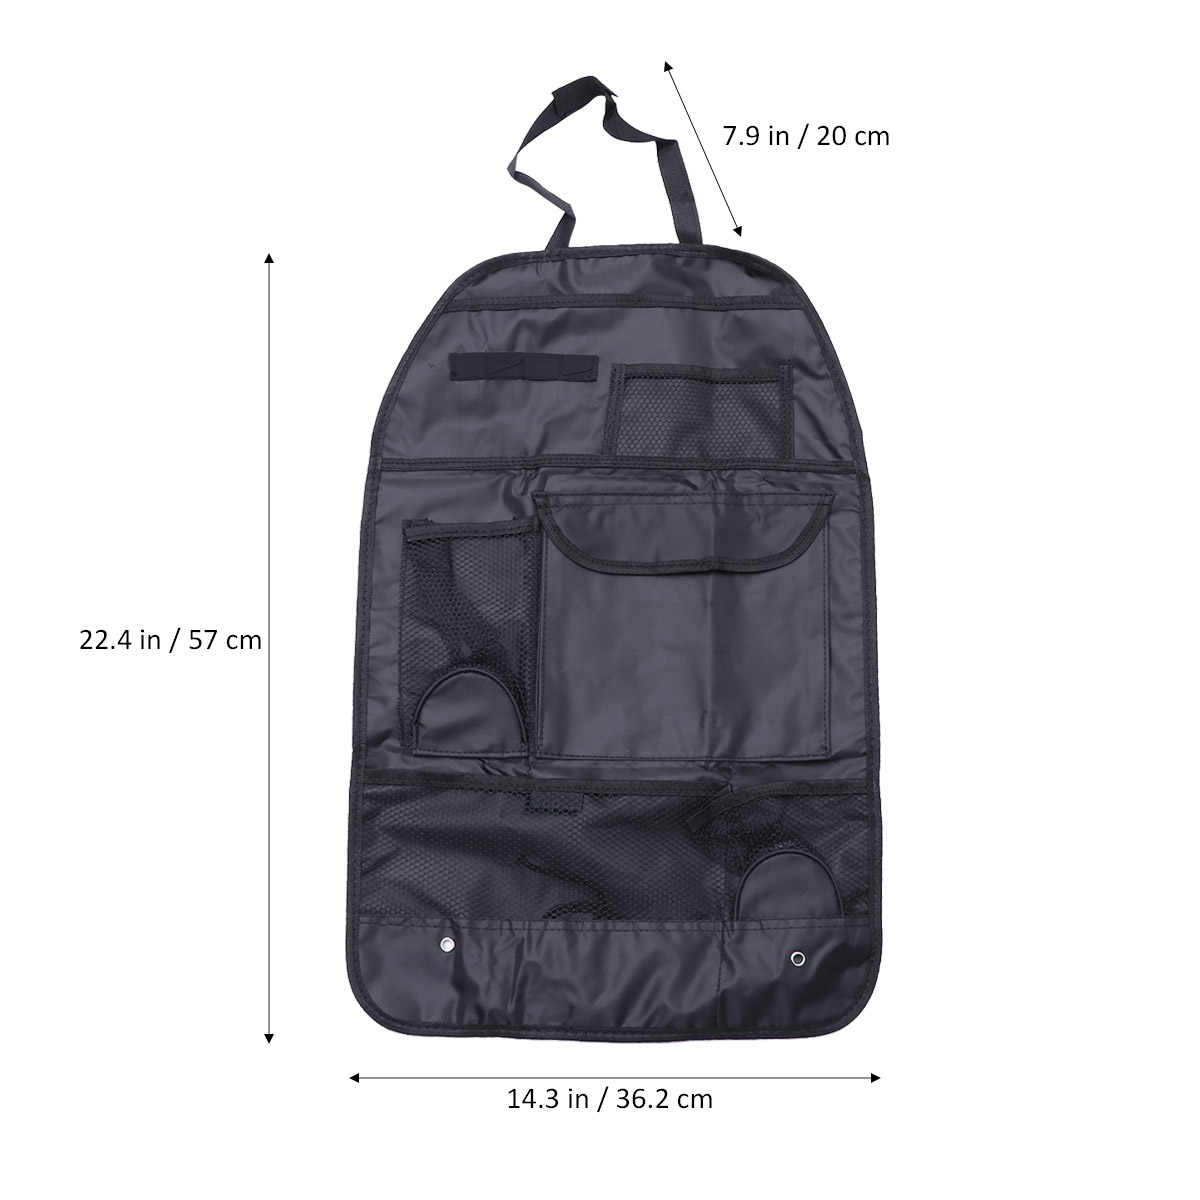 1 шт. Портативный прочный органайзер на заднее сиденье сумка для хранения мобильных напитков планшетных книг A30